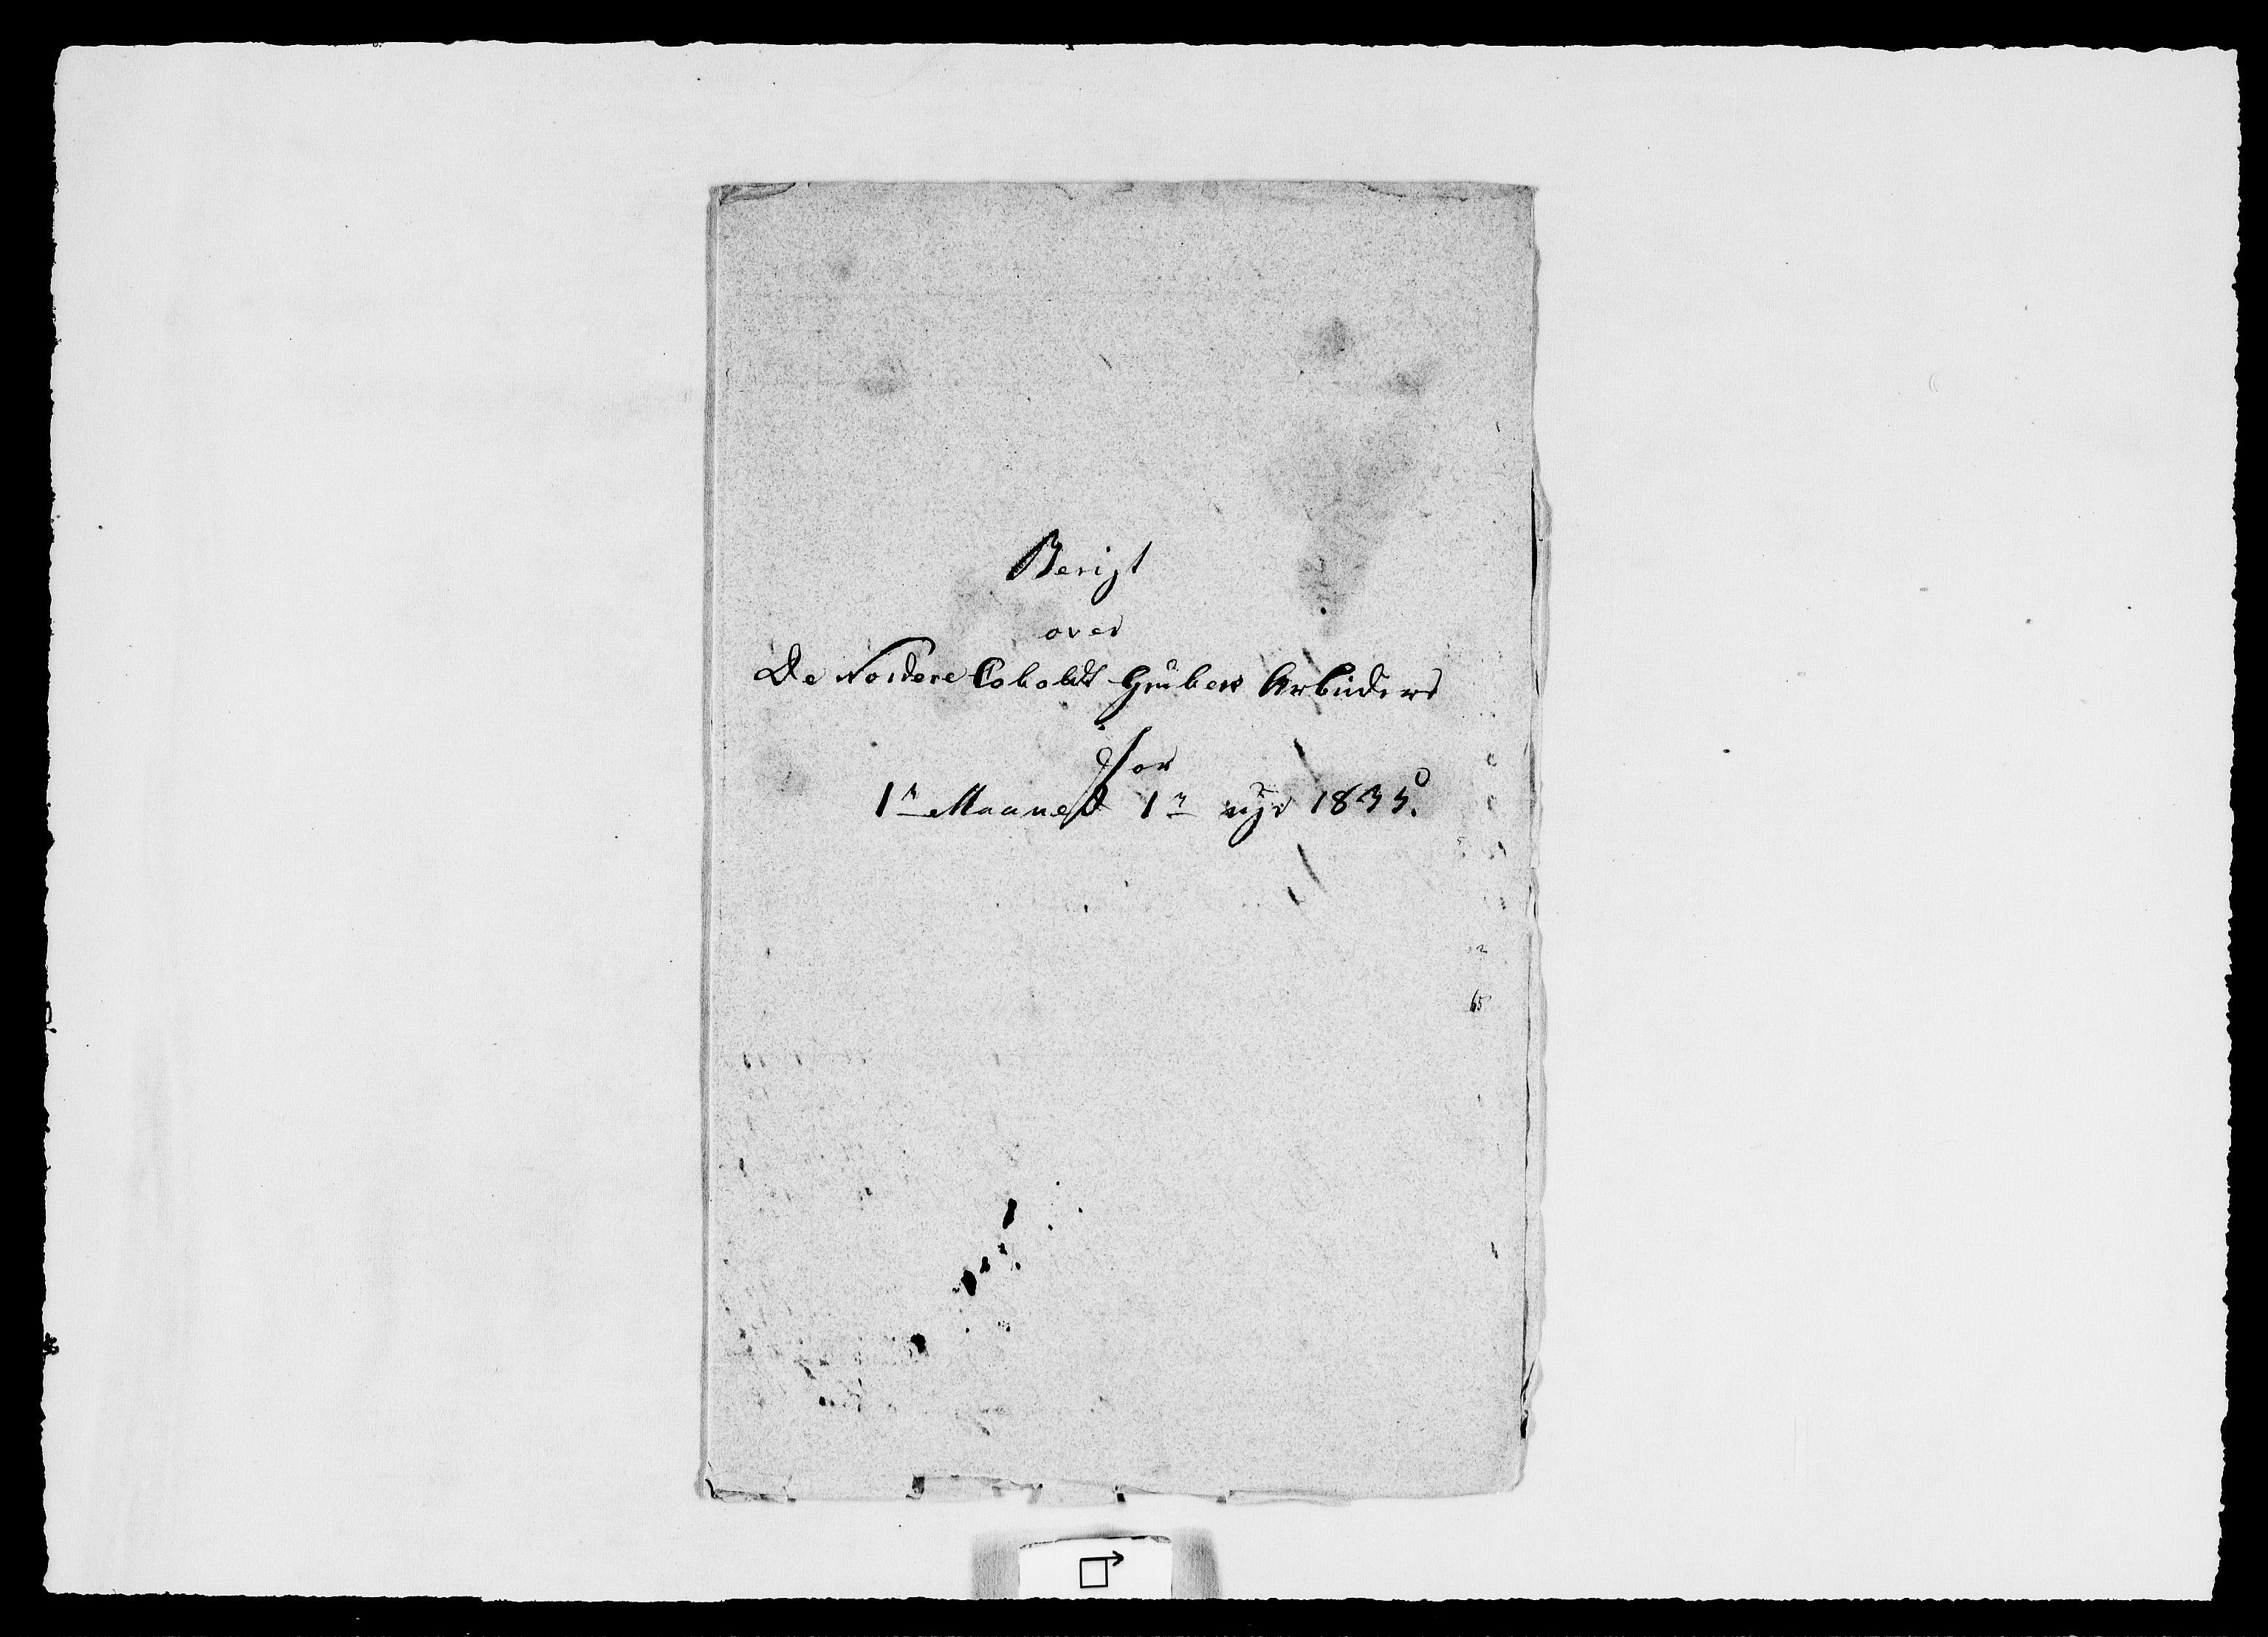 RA, Modums Blaafarveværk, G/Ge/L0348, 1835, s. 2